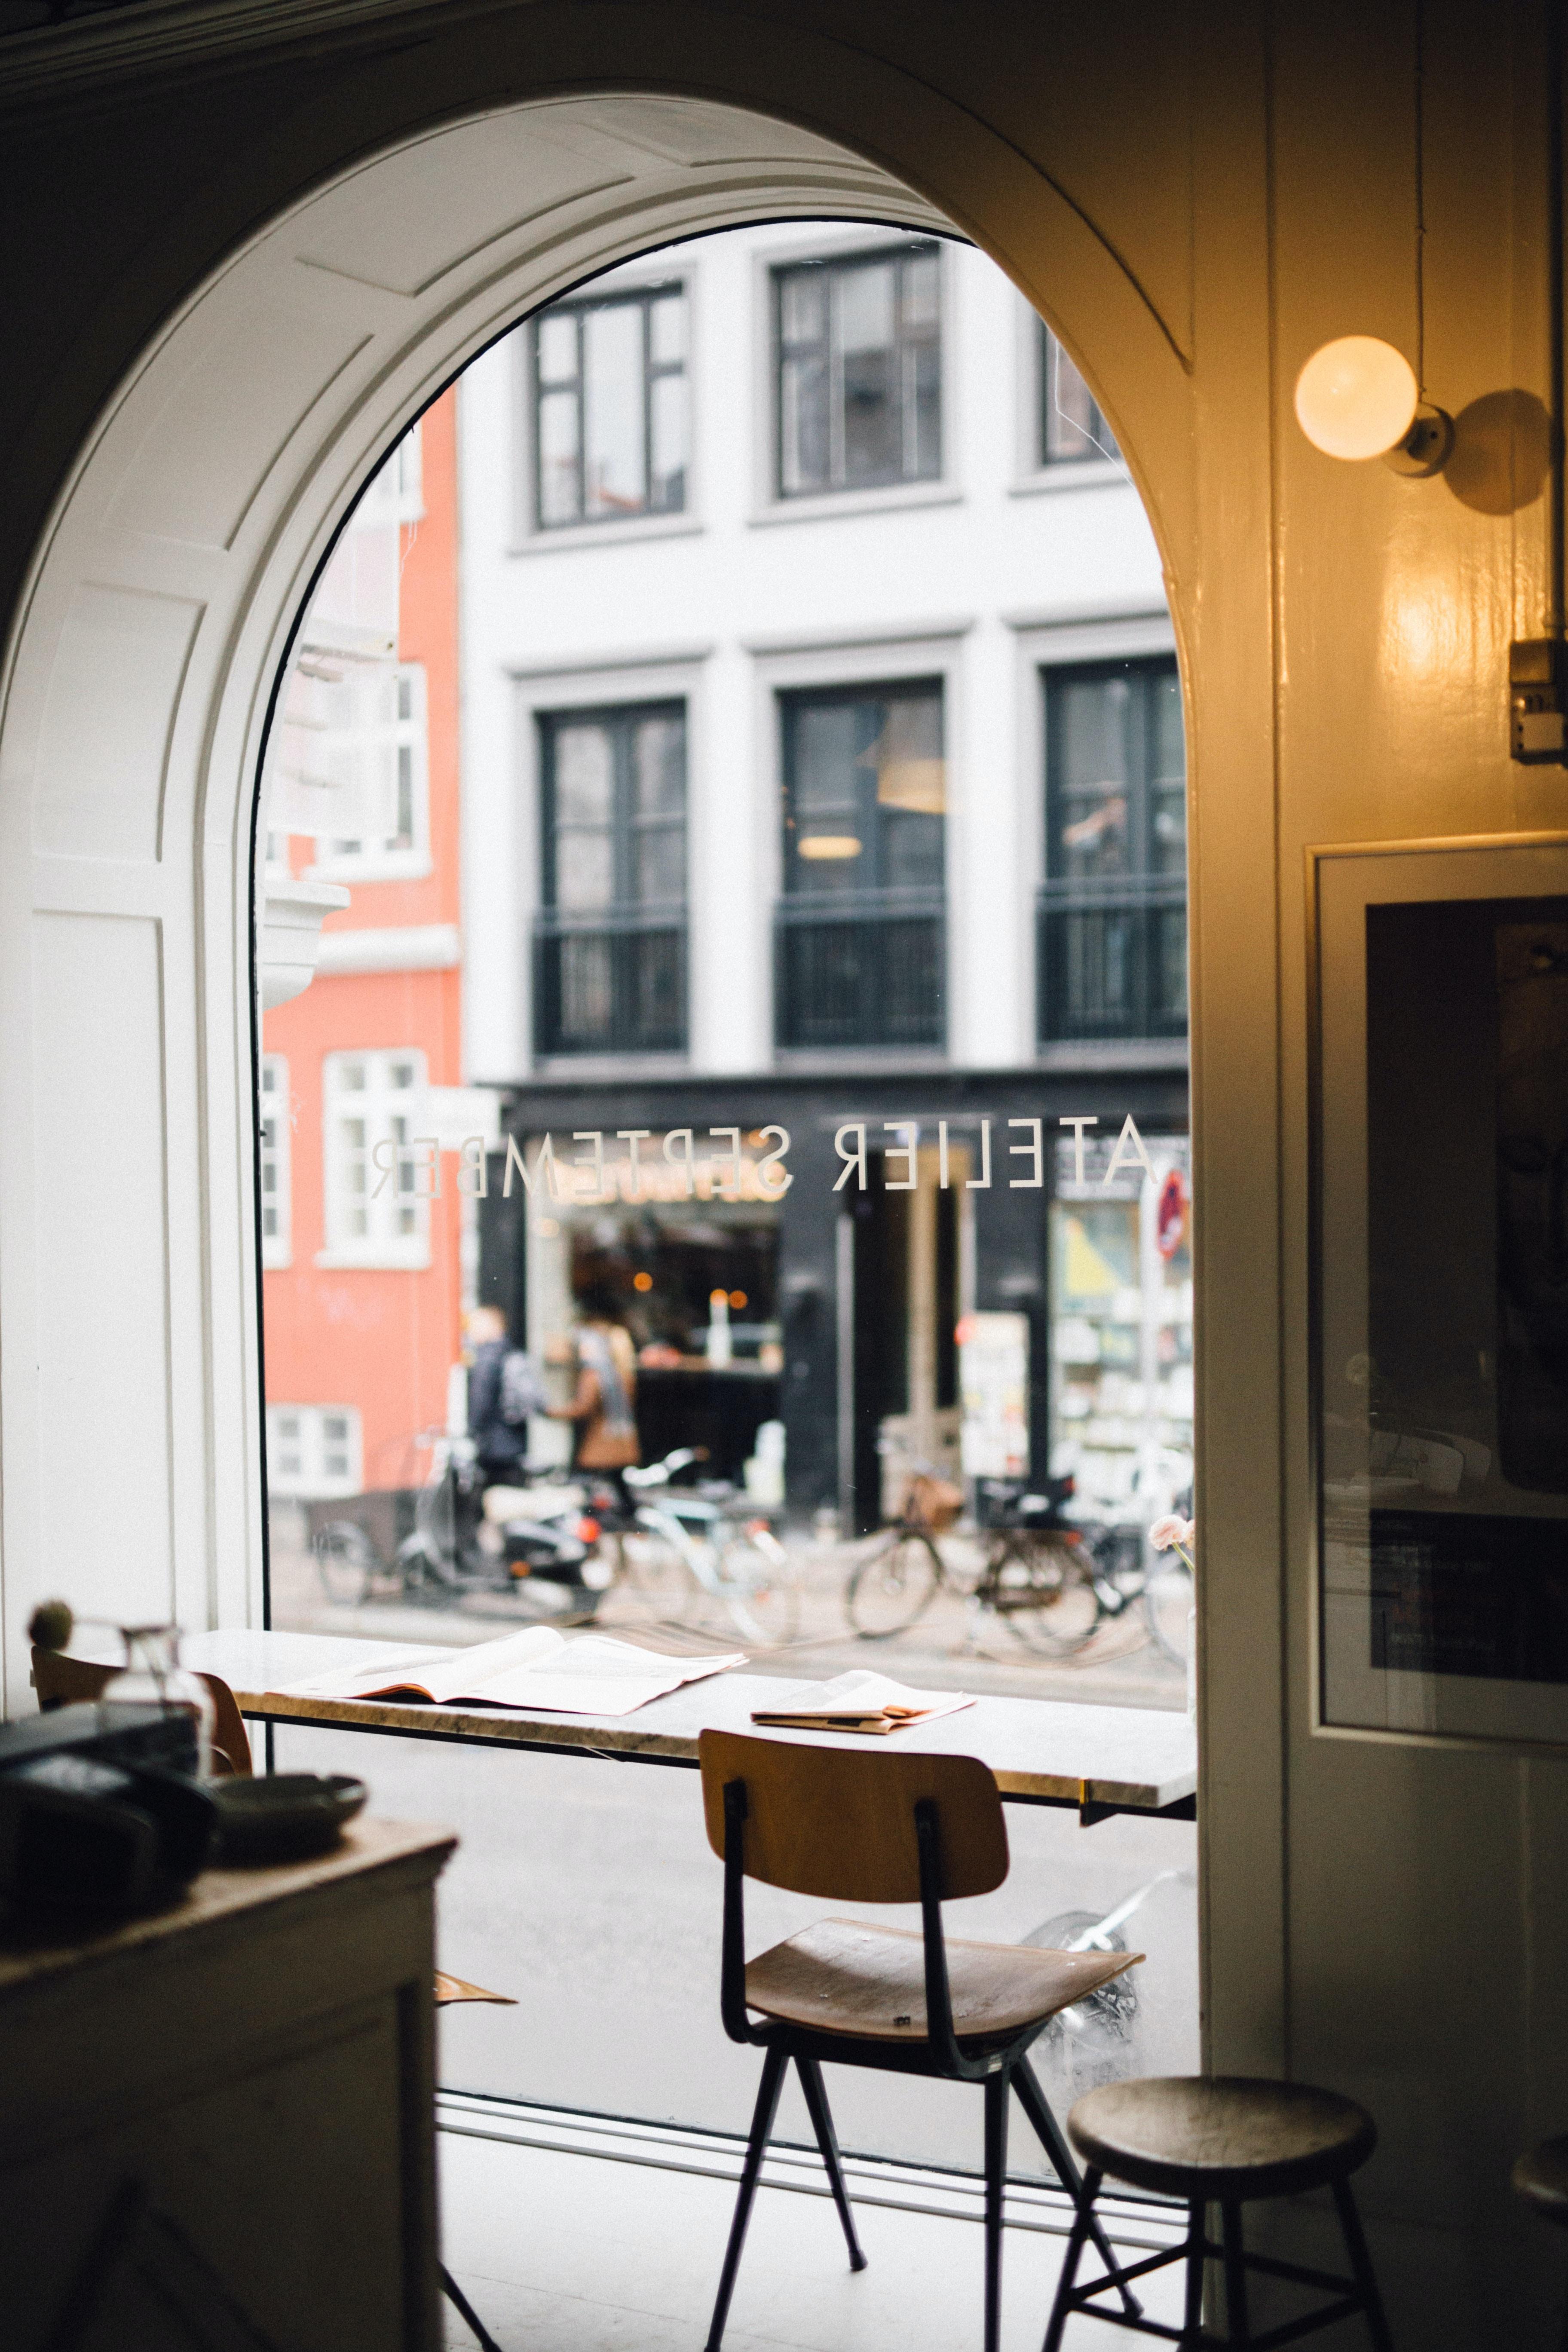 brown chair near table